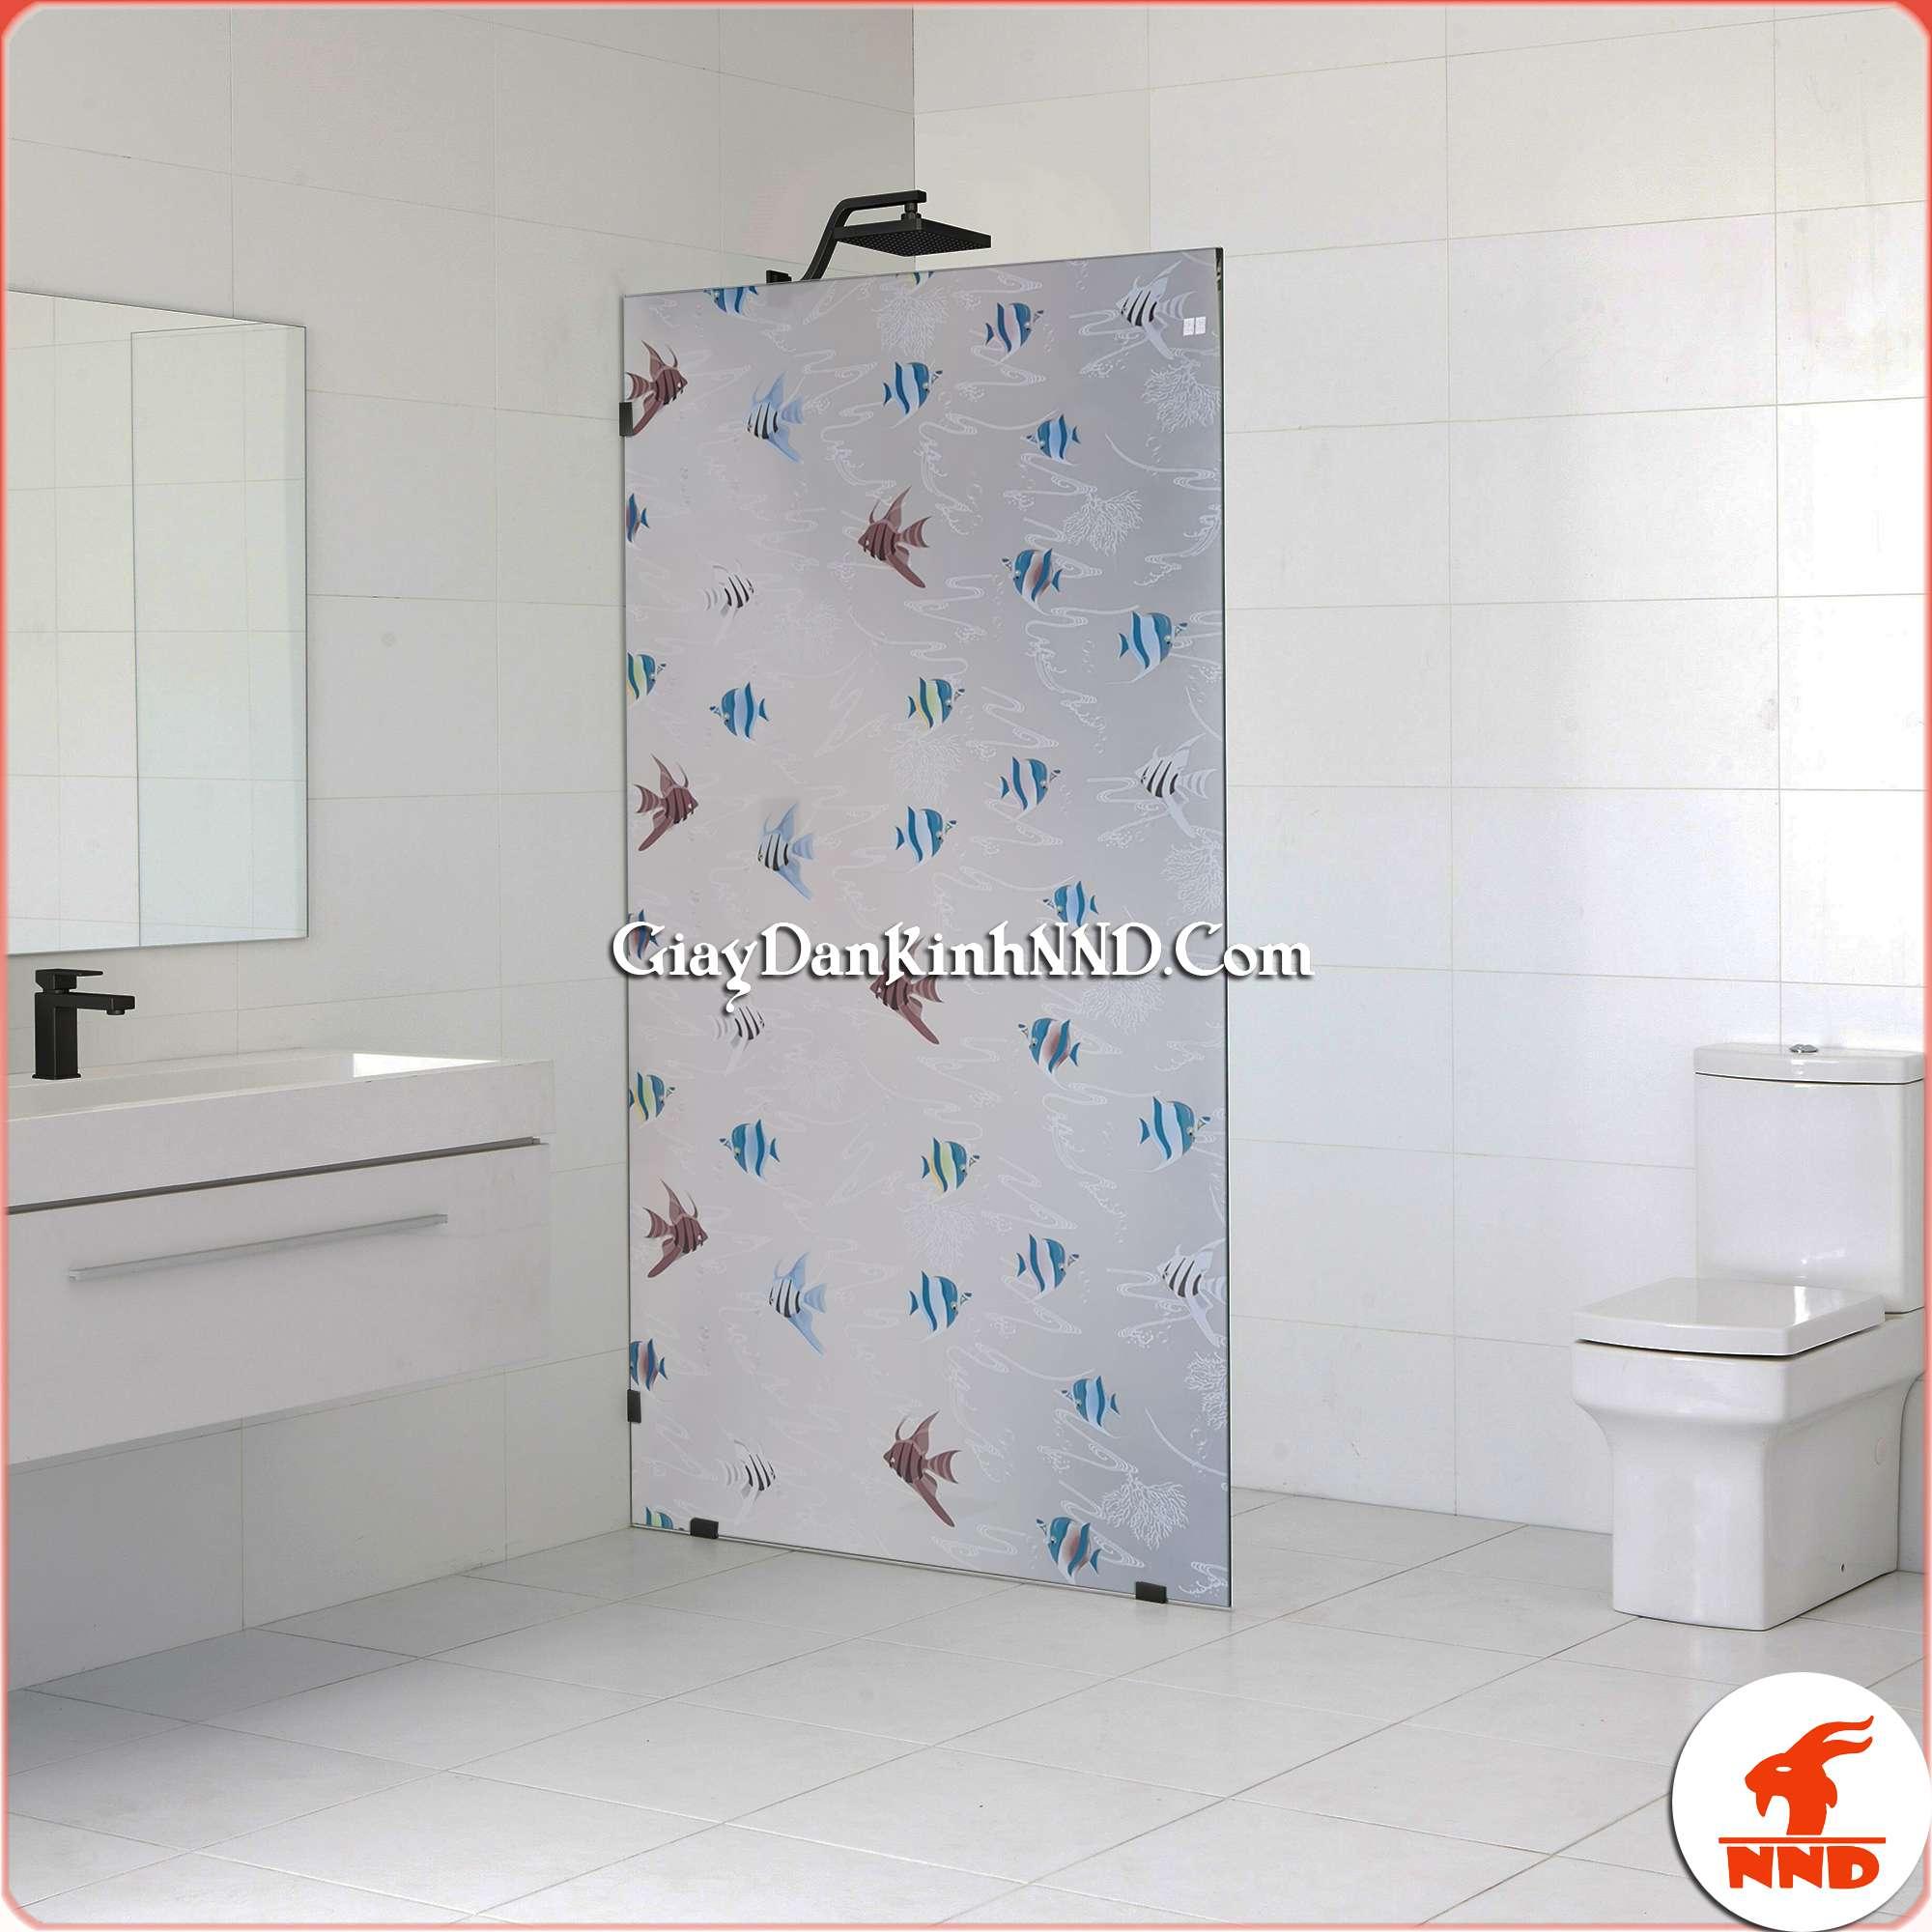 Sử dụng mẫu giấy dán kính mã A23 dán cho cửa kính phòng tắm tạo cảm giác mới